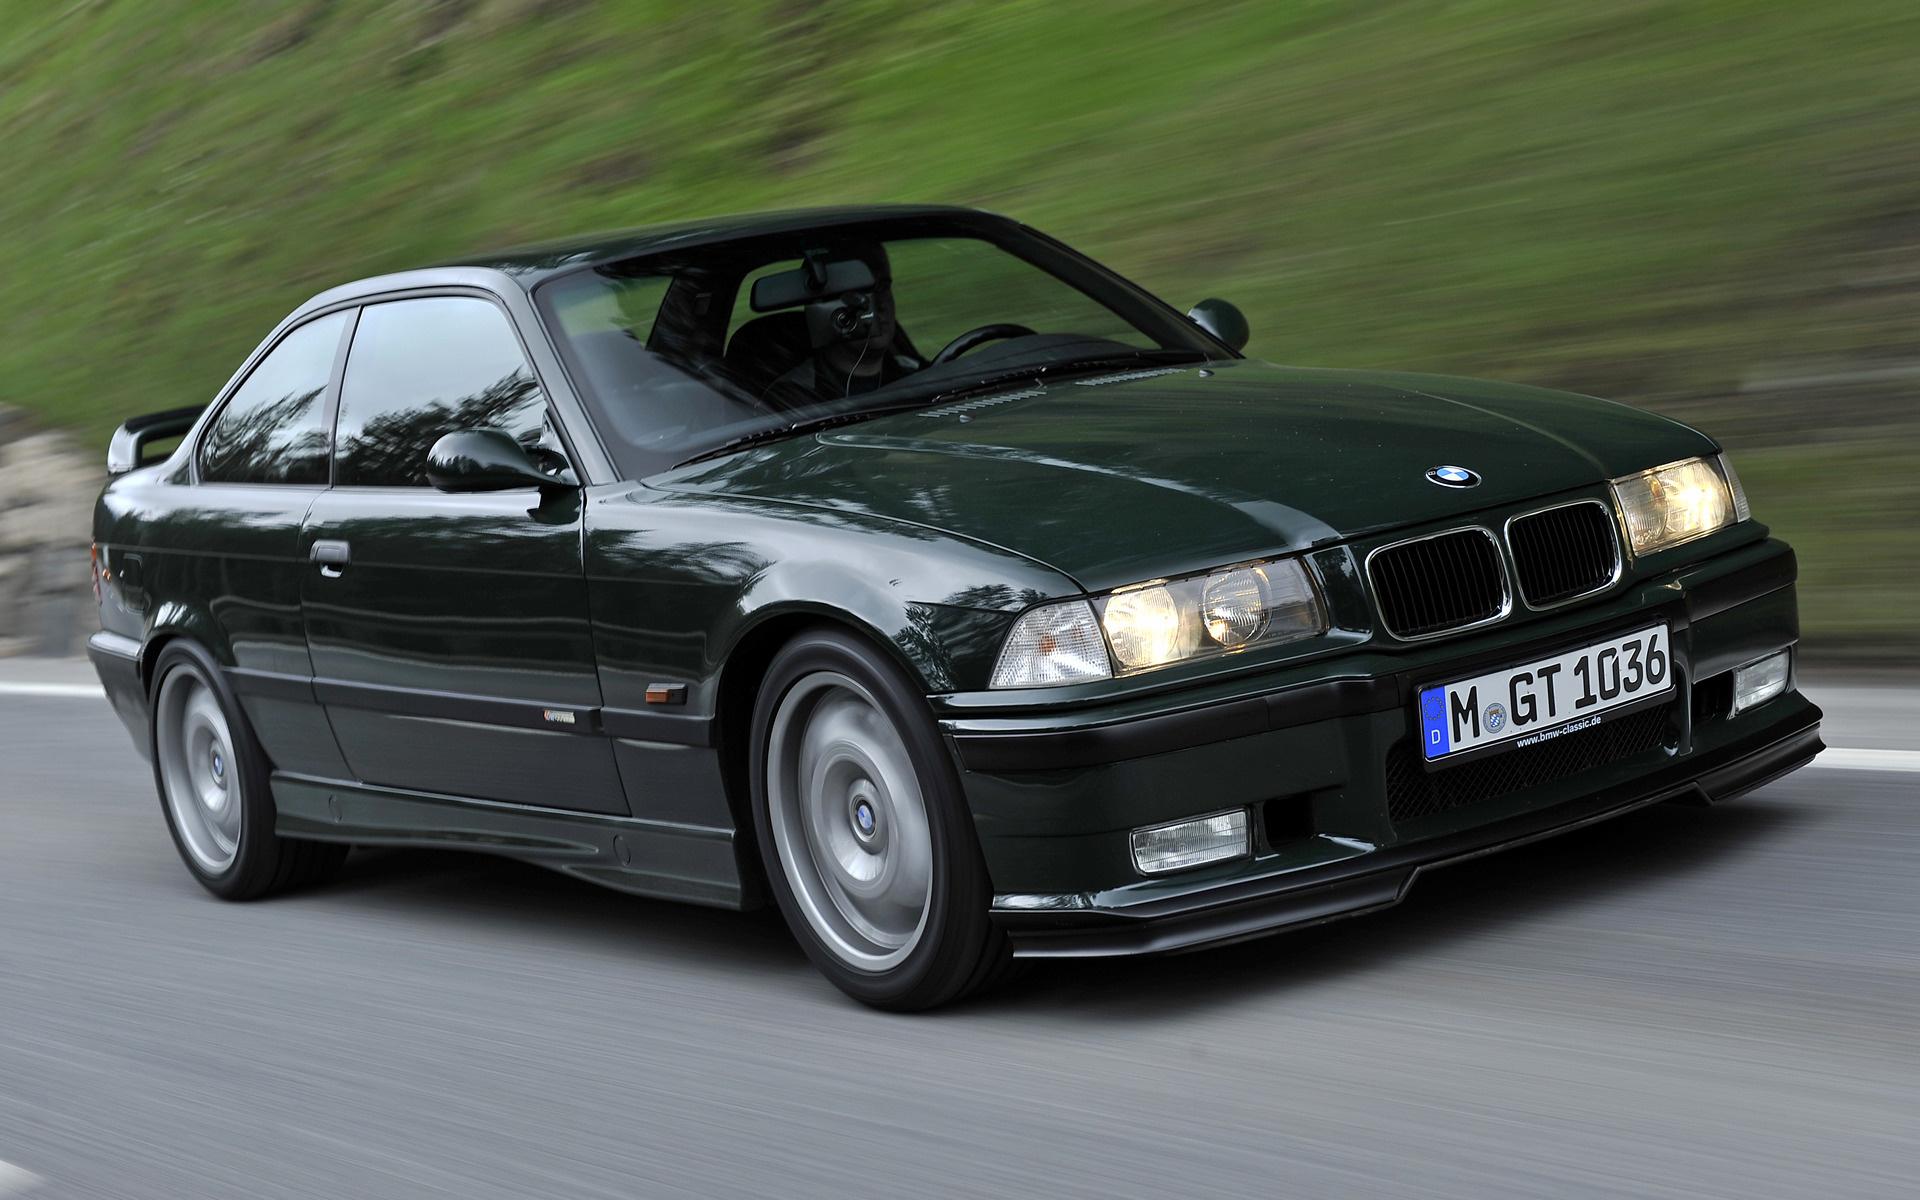 1995 Bmw M3 Gt Coupe Hintergrundbilder Und Wallpaper In Hd Car Pixel